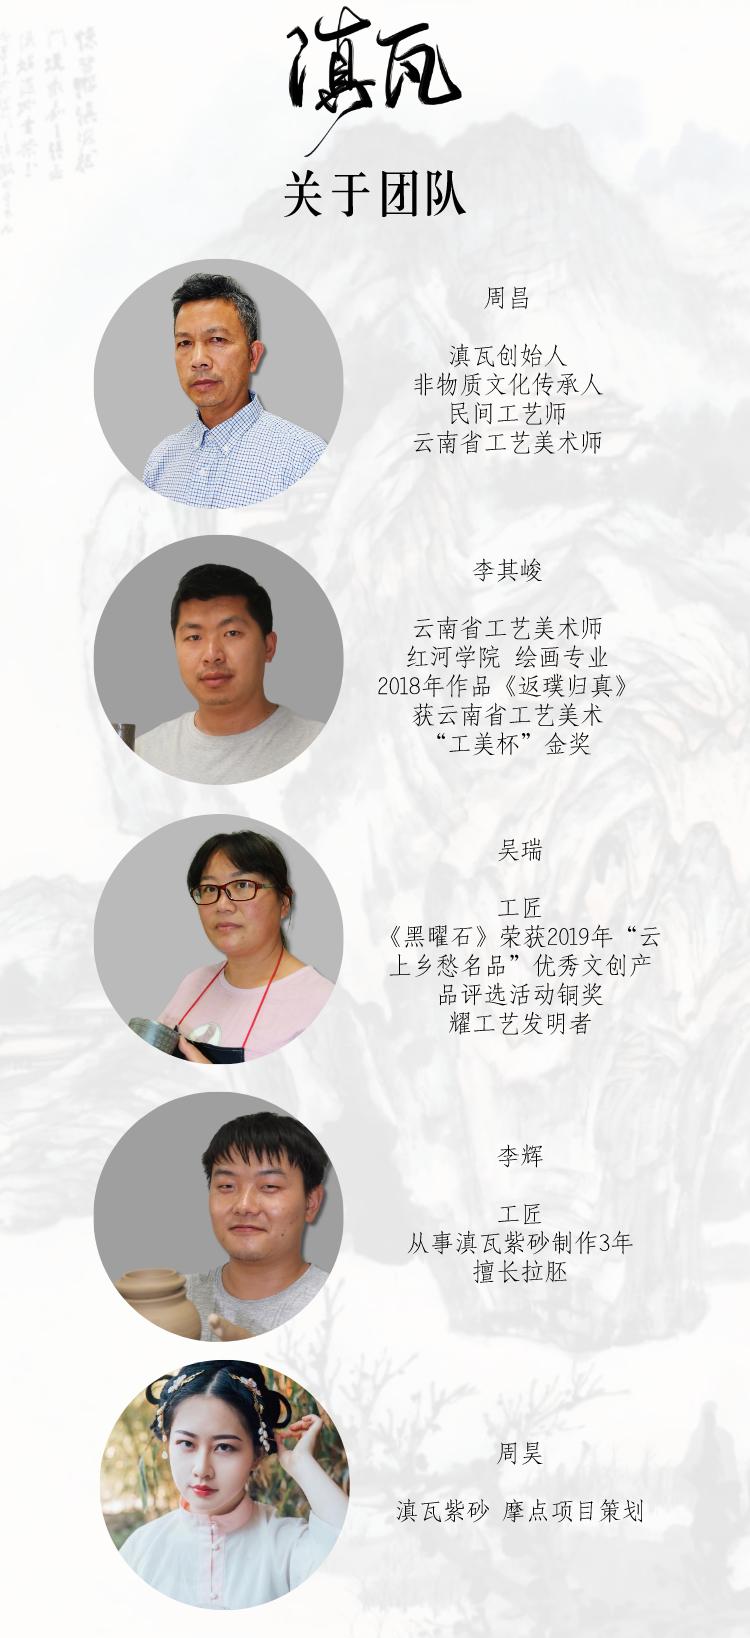 团队_自定义px_2020-05-29-0.jpeg